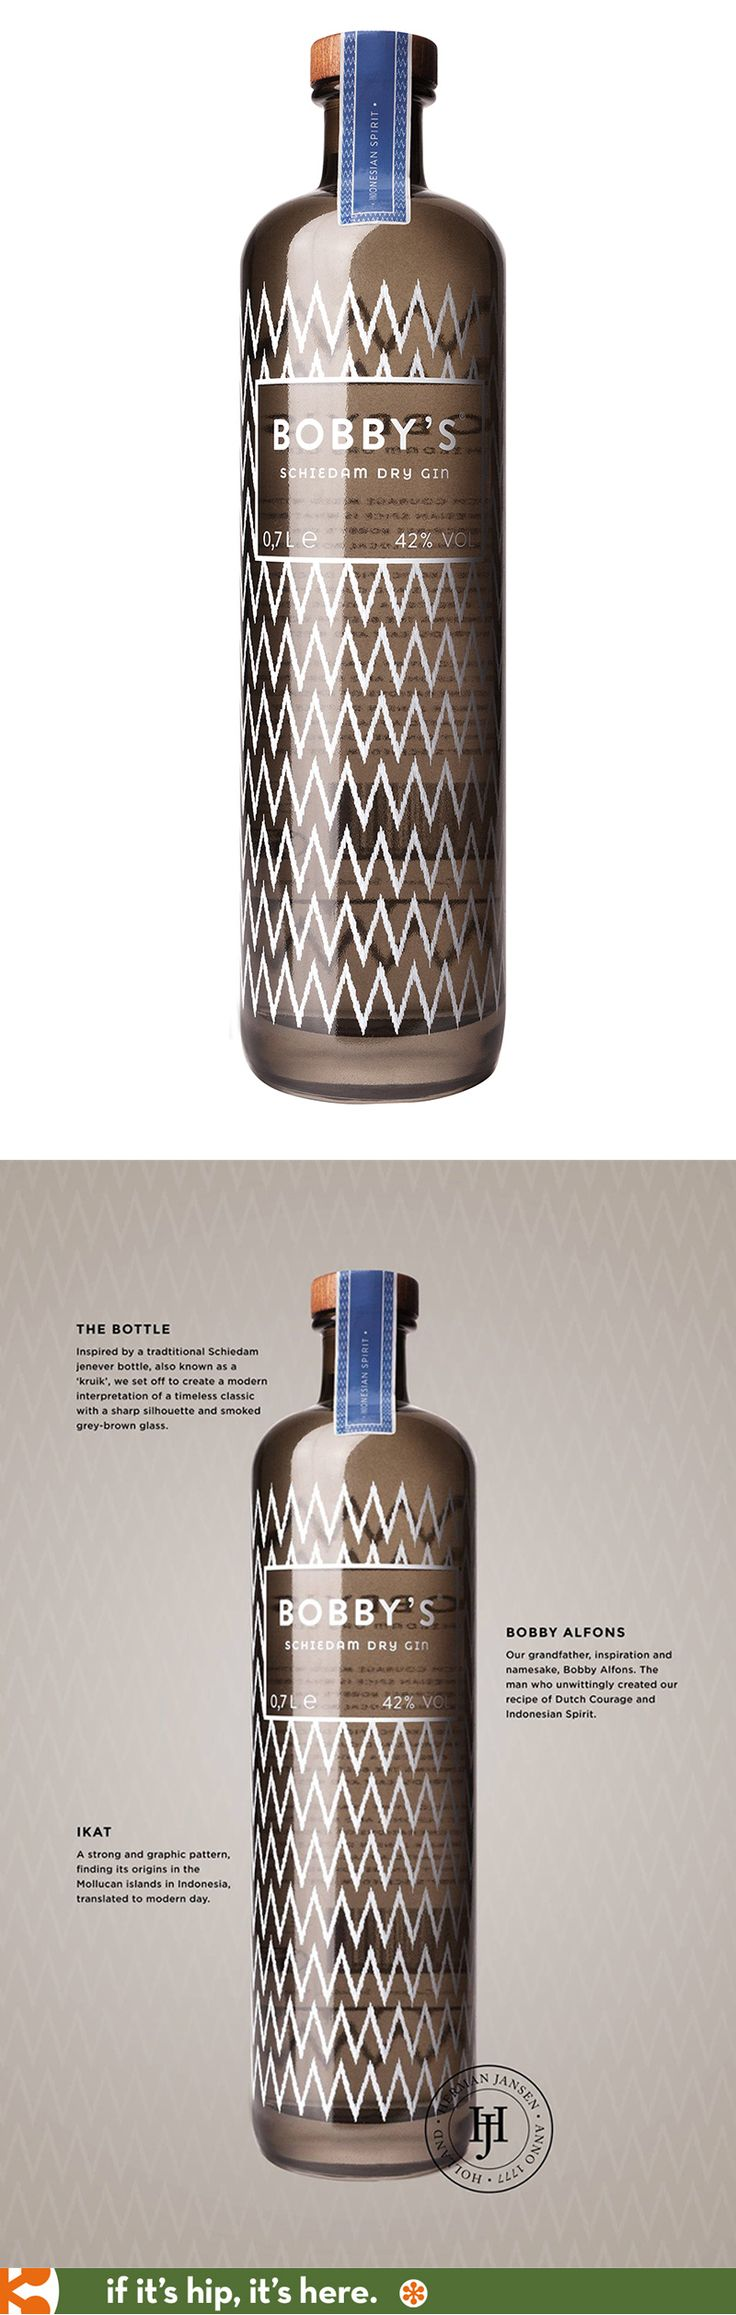 Absolutely love the bottle design for Bobby's Schiedam Dry Gin.